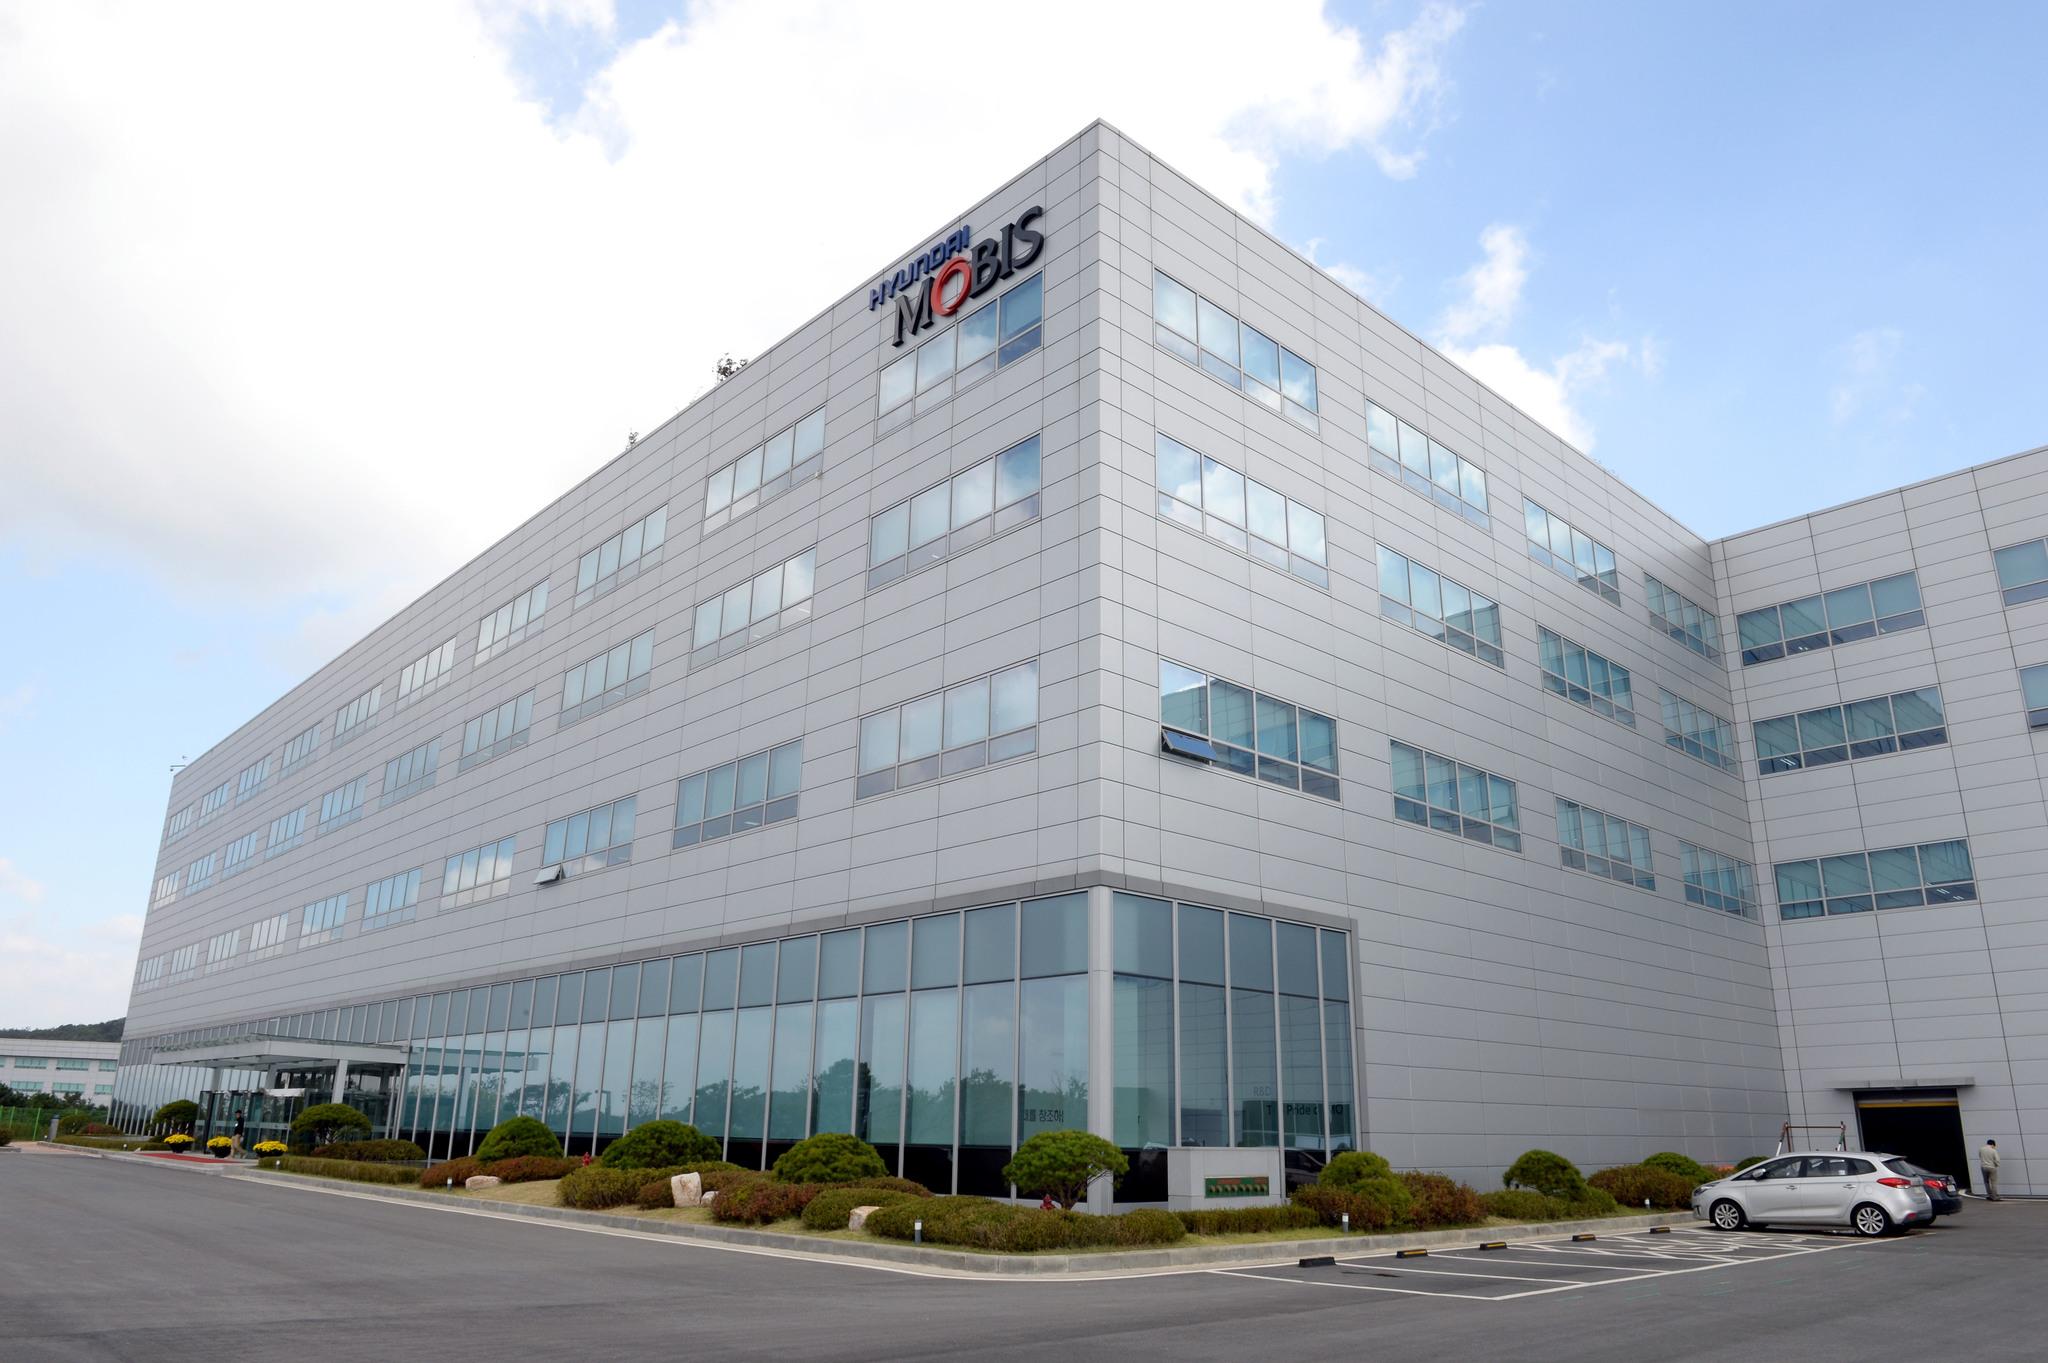 경기도 용인시에 있는 현대모비스 기술연구소 전장연구동 전경.[사진=현대모비스]